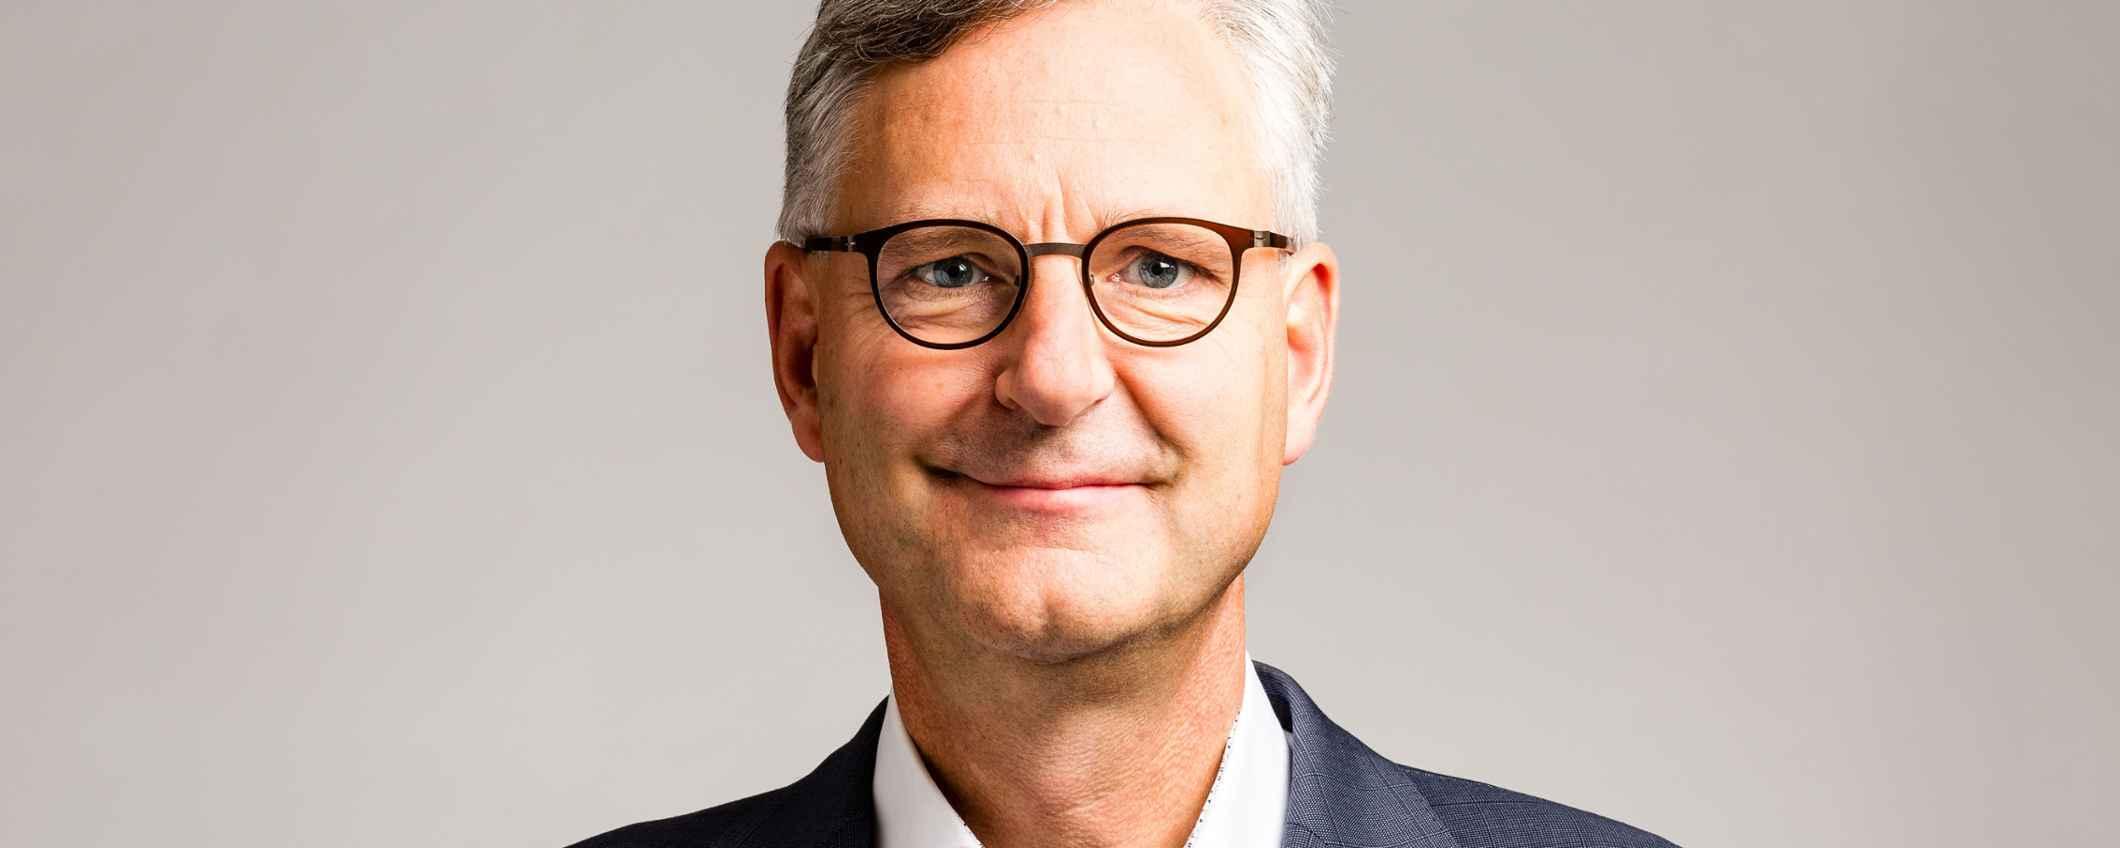 Matthijs Bierman